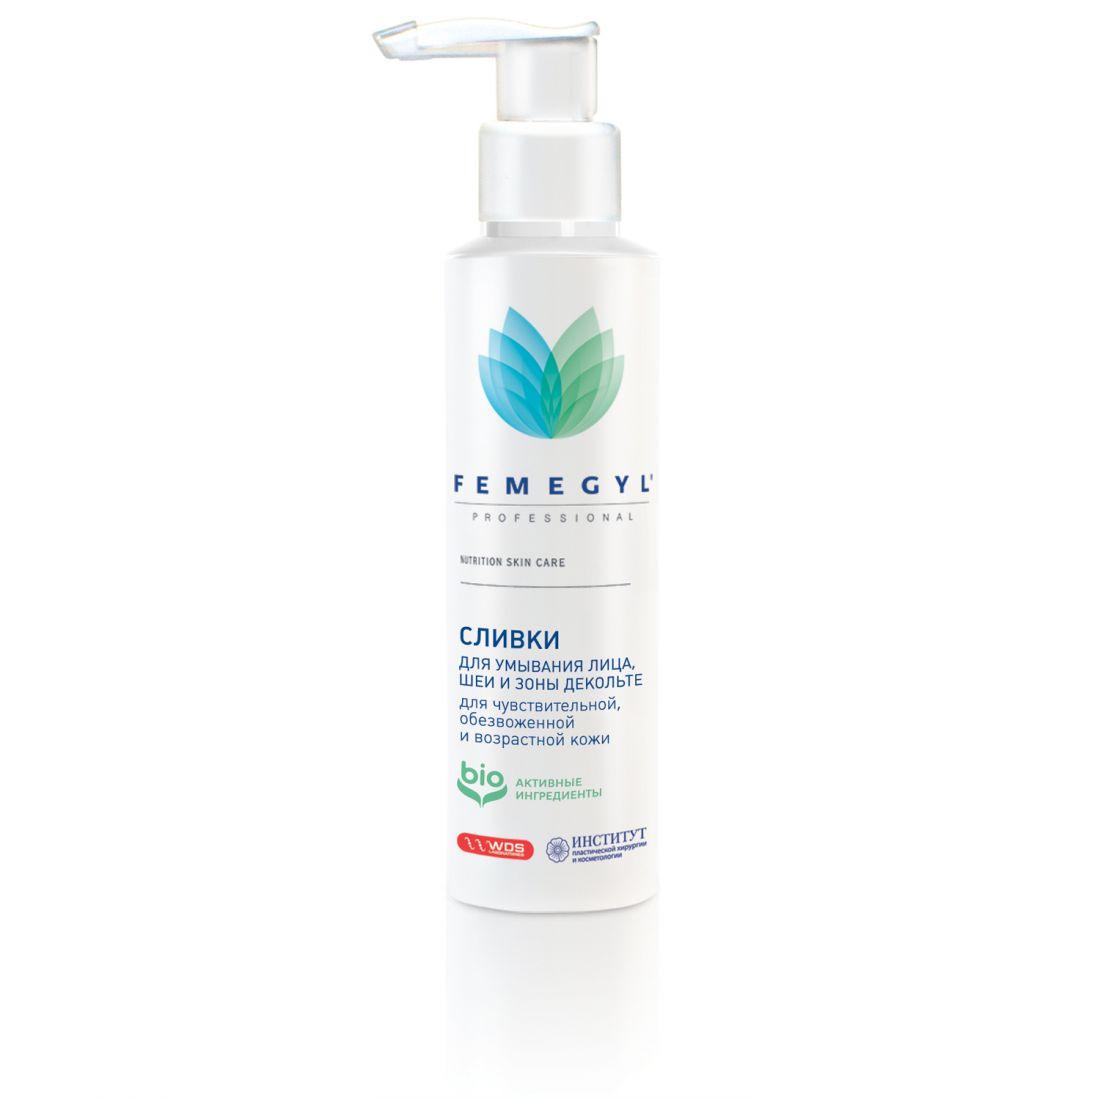 Femegyl Сливки для умывания кожи лица, век, шеи и зоны декольте, 100 мл (Фемеджил, Femegyl professional)